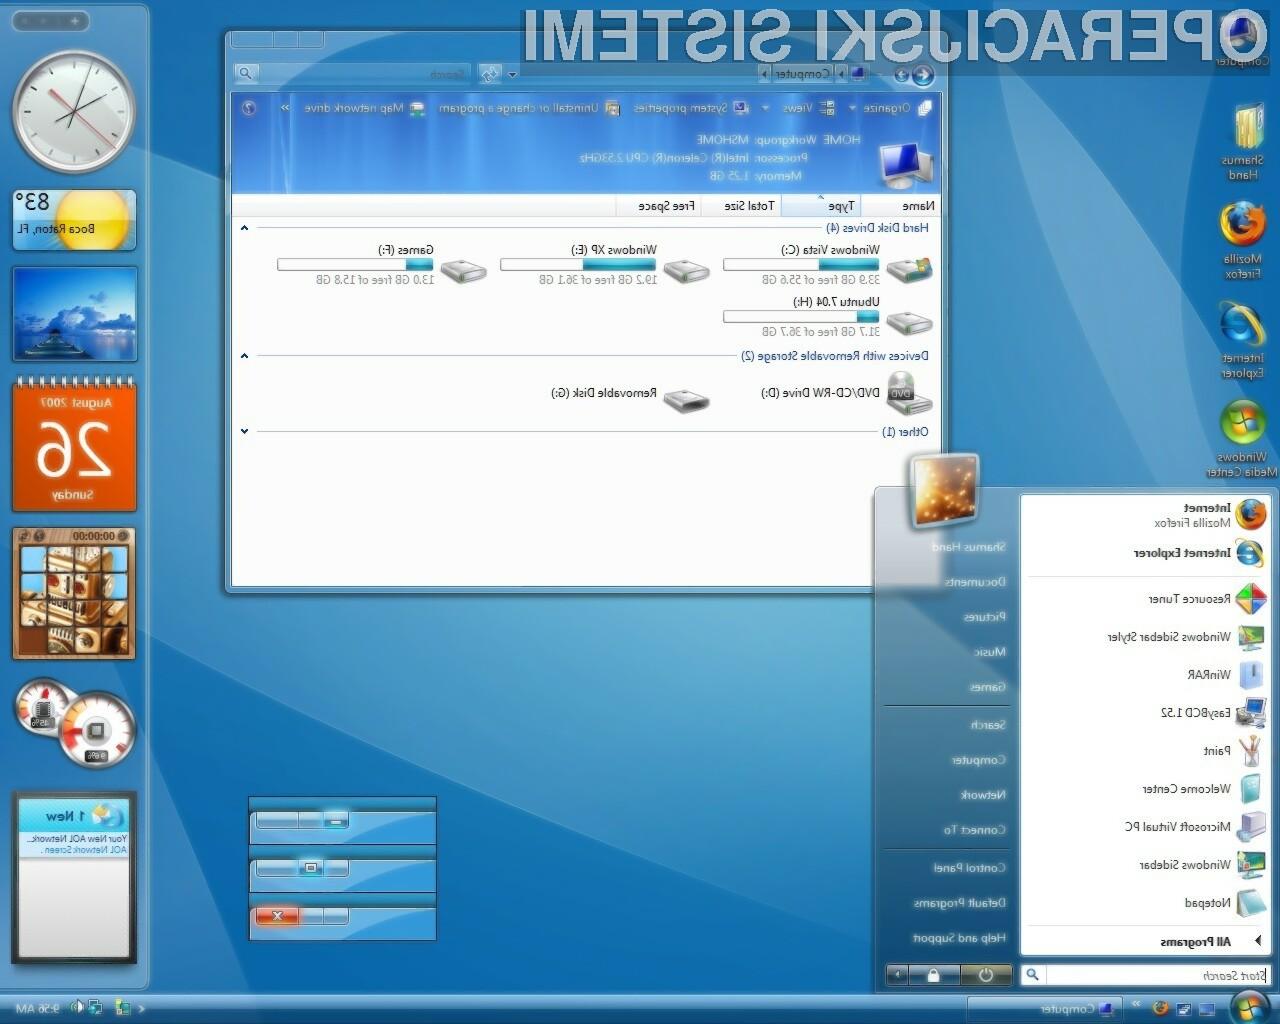 Uporabniki operacijskega sistema Windows Vista so z delovanjem sistema v pretežni meri nadvse zadovoljni!